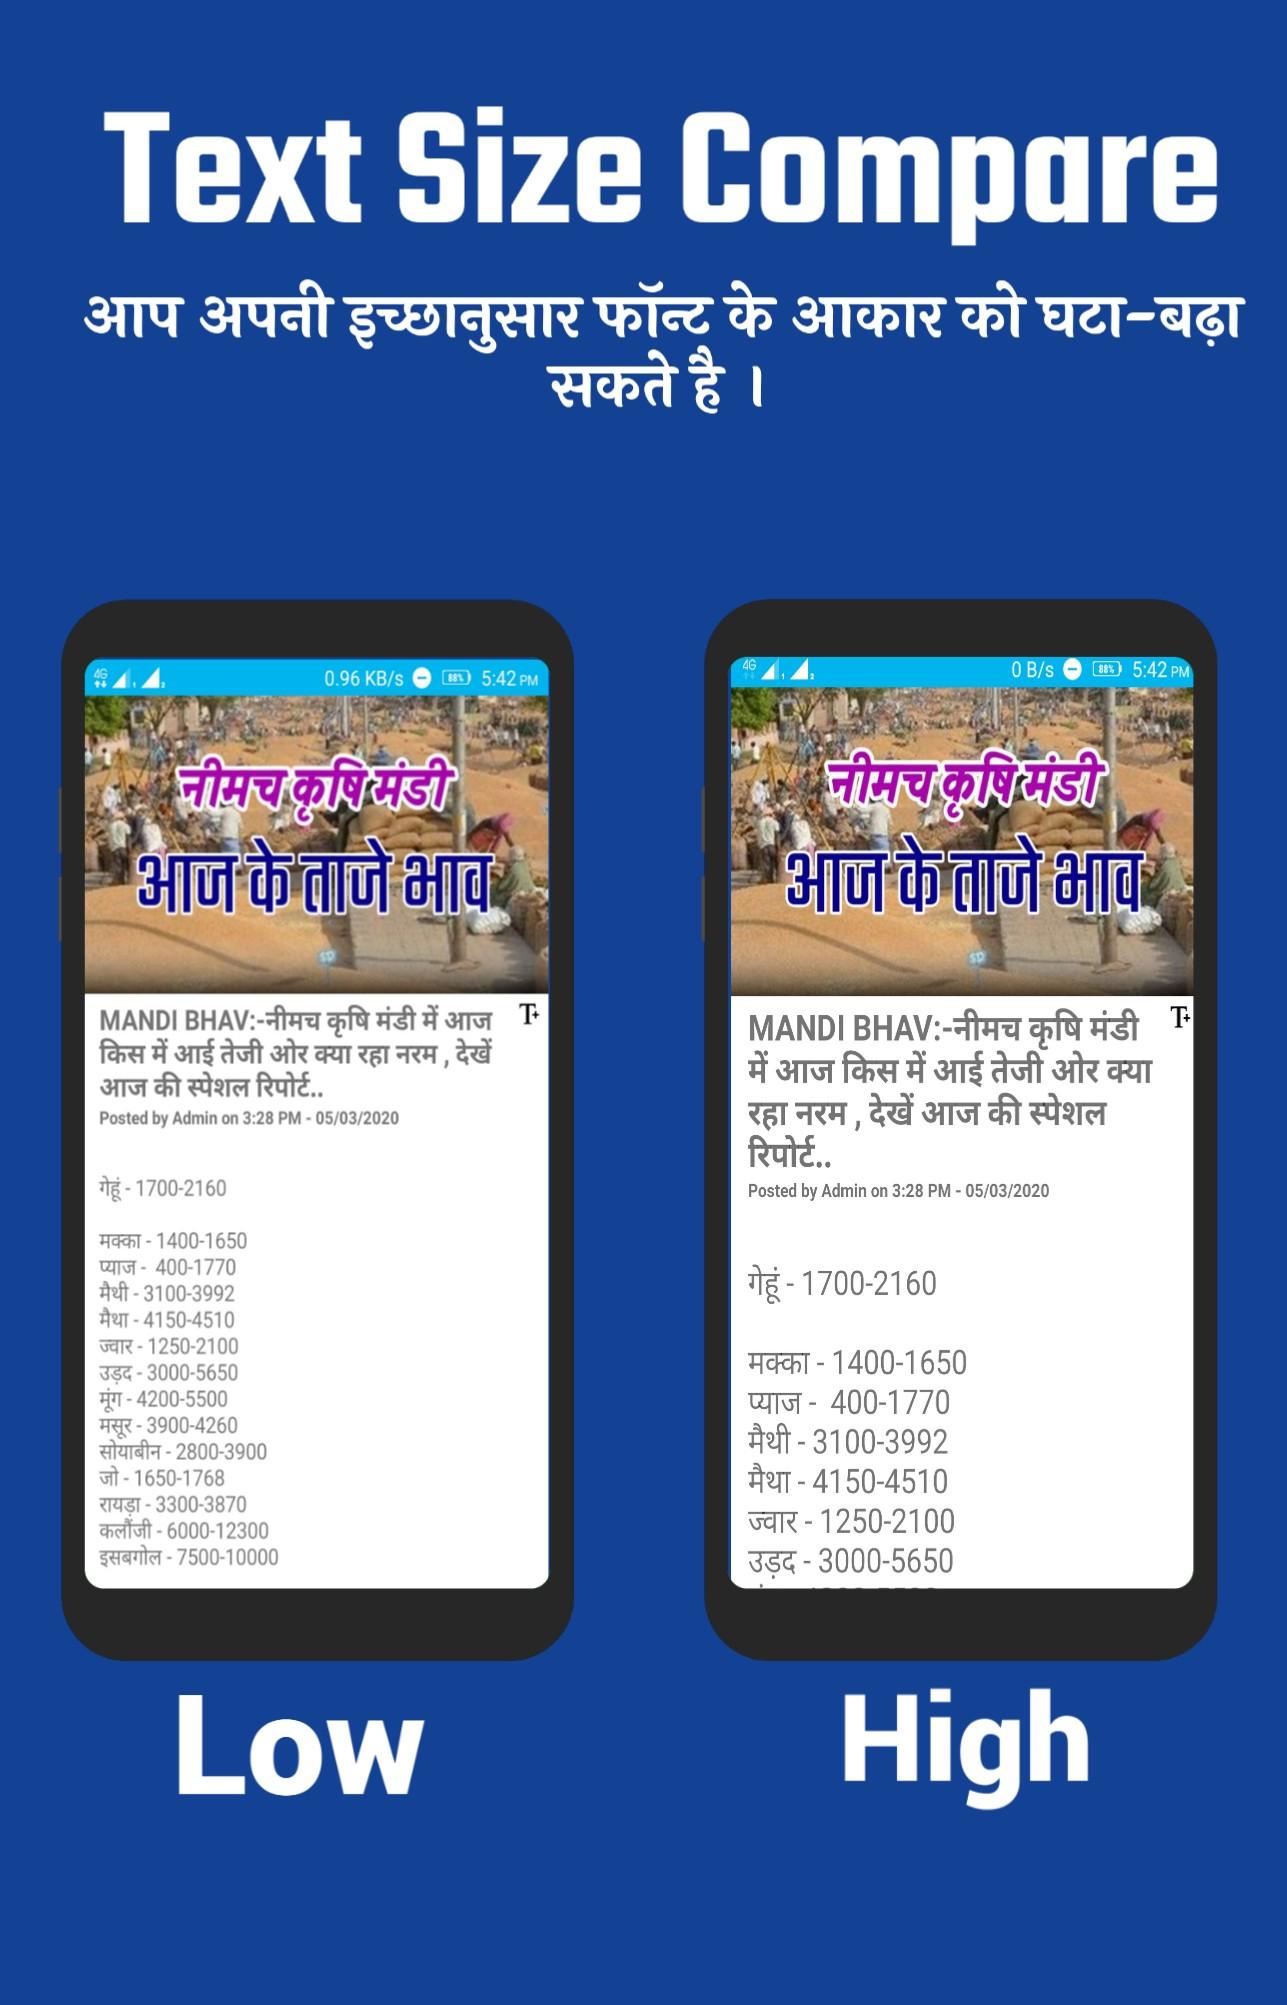 Mandi Bhav - मंडी भाव और खेती-बाड़ी की जानकारी